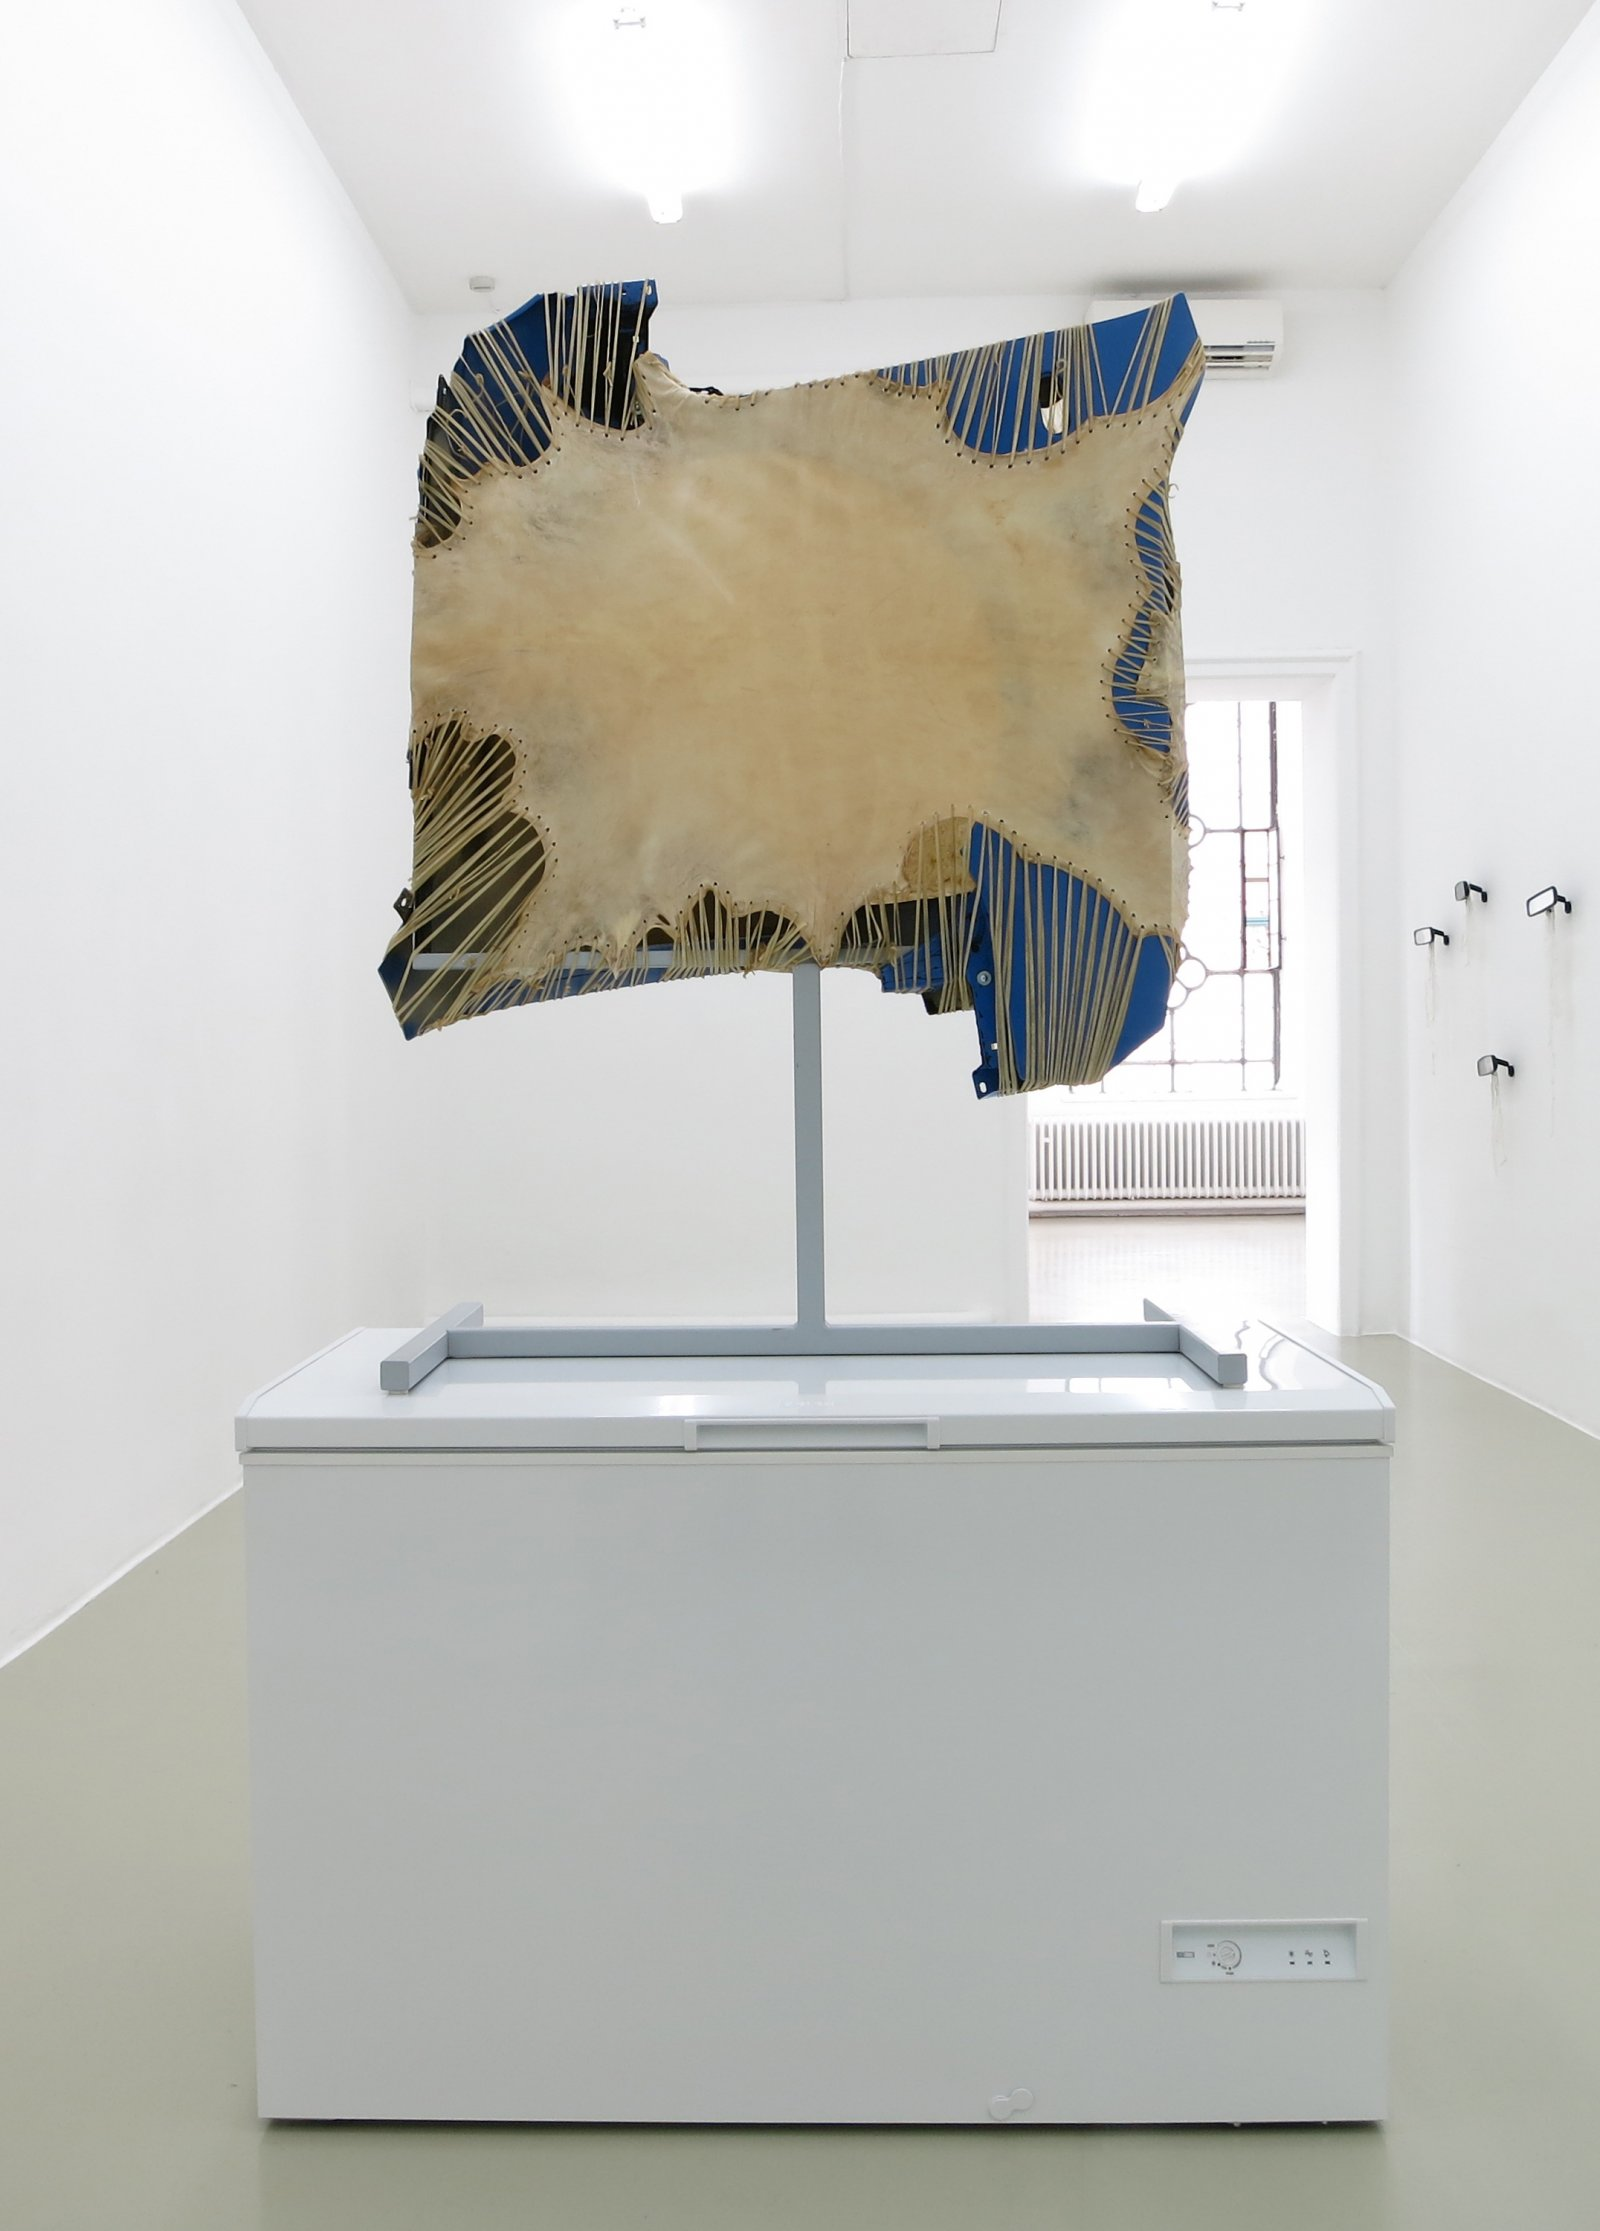 Brian Jungen,Mother Tongue, 2013, steel, deer hide, vw fenders, freezer, 100 x 51 x 28 in. (256 x 130 x 71 cm)